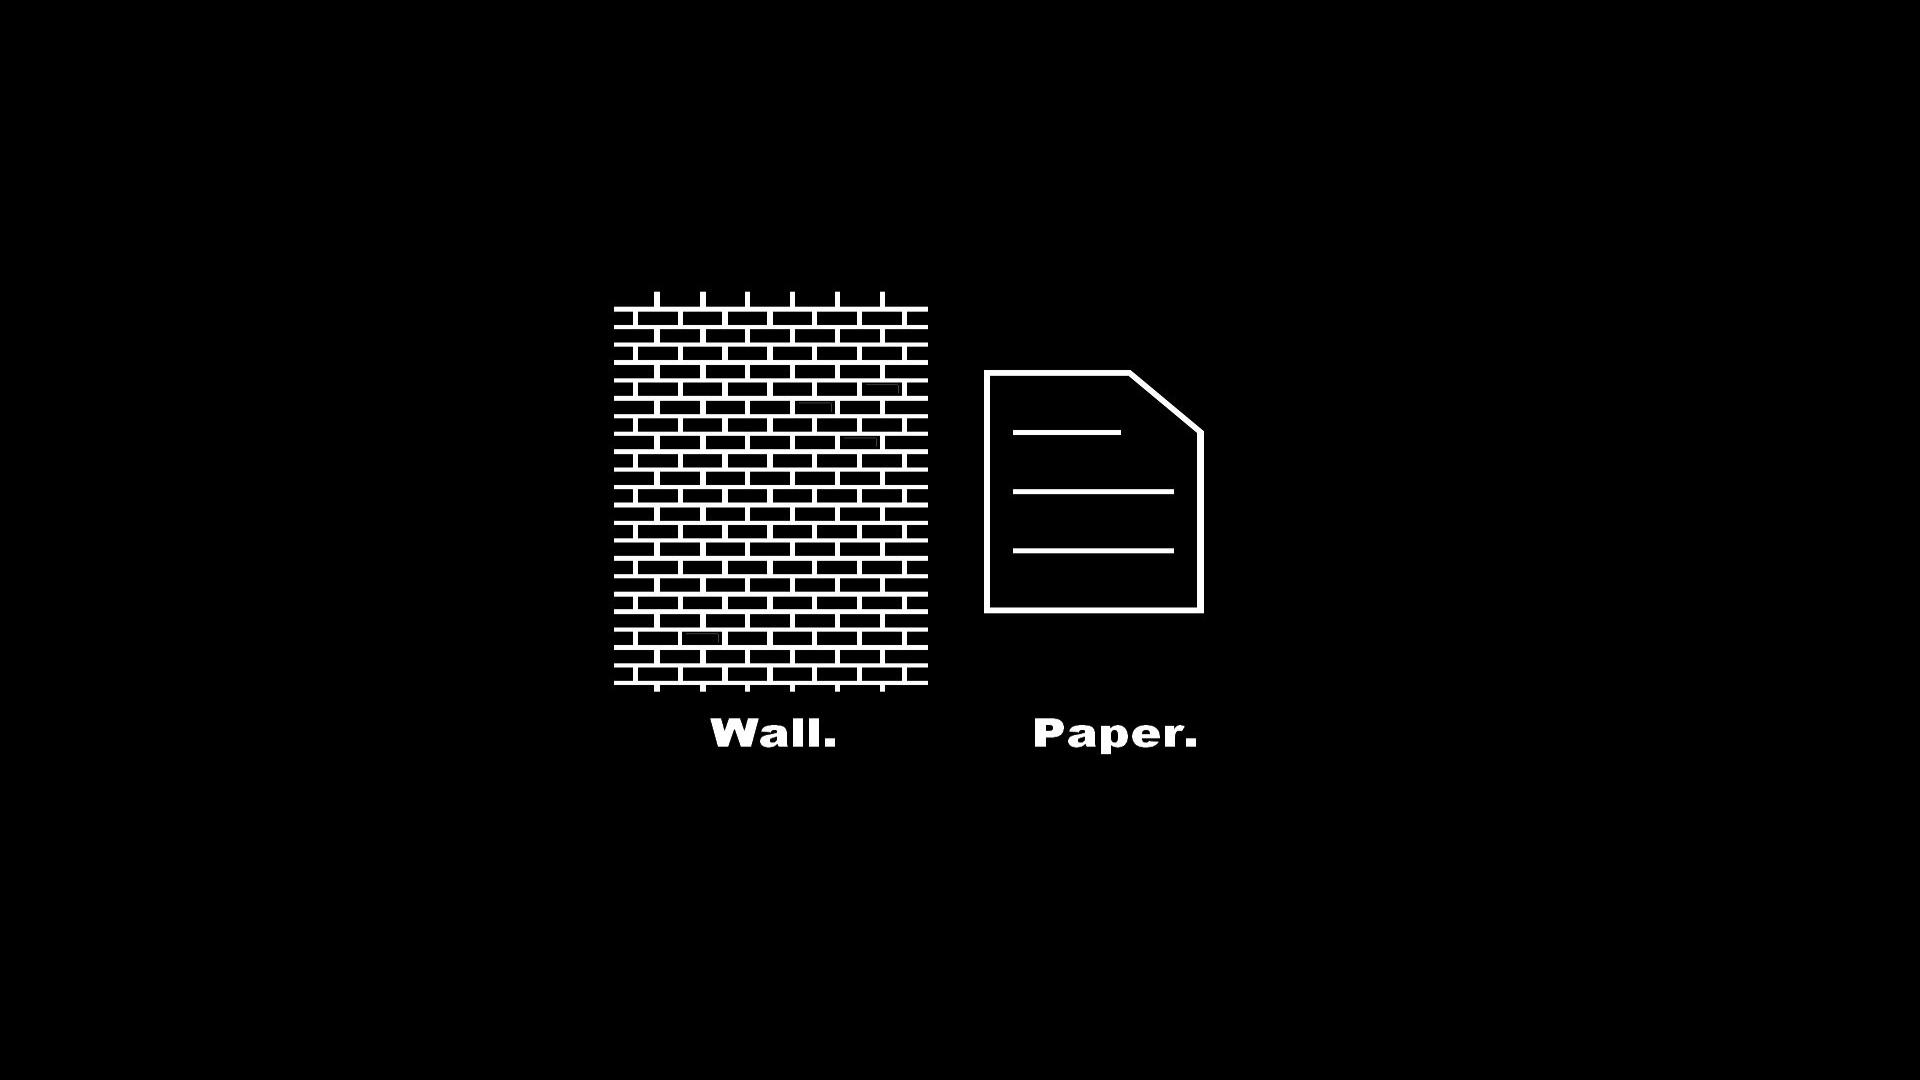 Geek Wallpapers